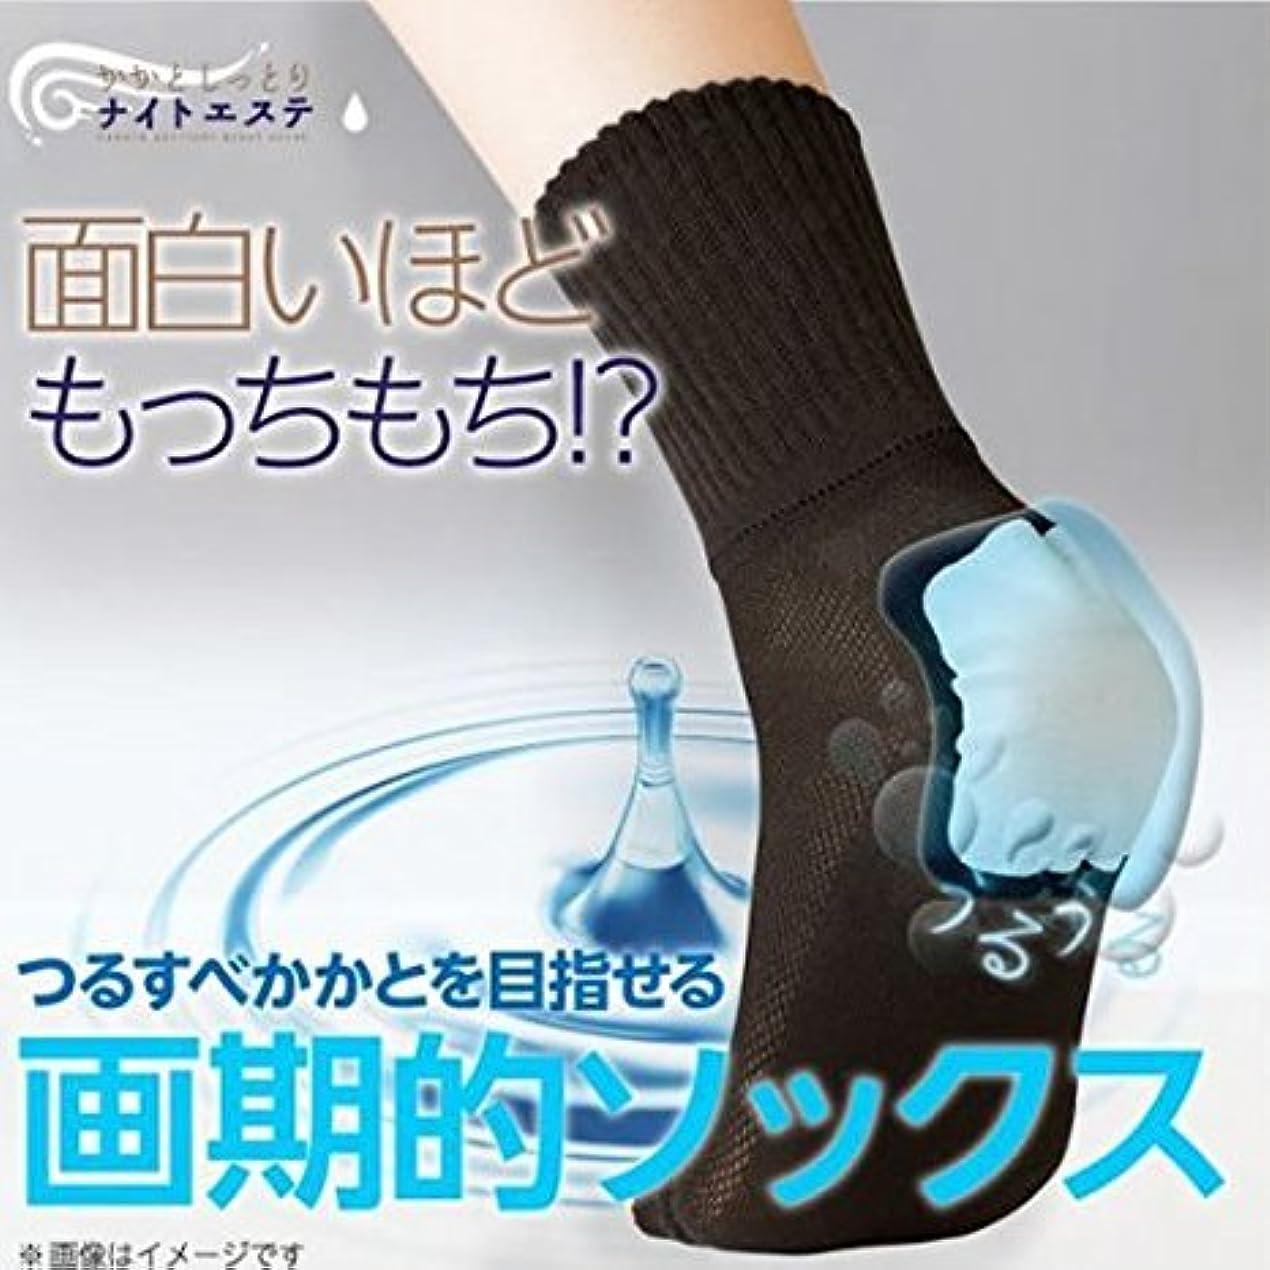 可愛い頑張るトランザクション特許取得済治療シート採用!『履くだけこっそりナイトエステ』 ガサガサ足、かかとのヒビ割れが気になるなら??